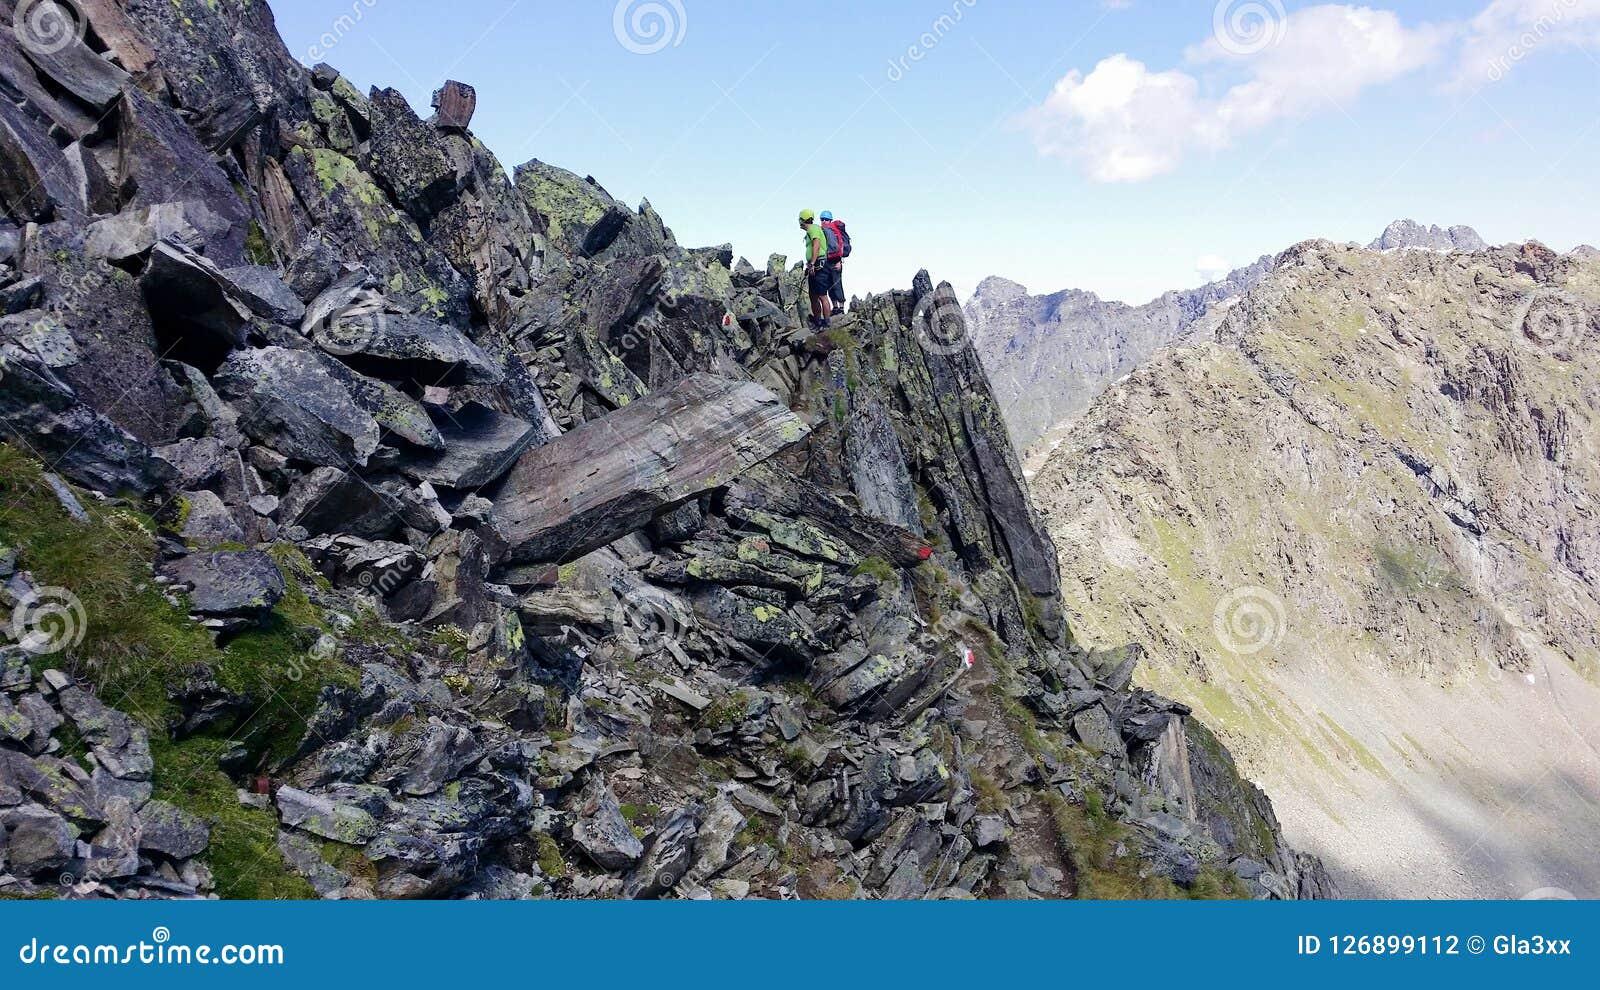 _ Alpin region`-Stubai `, Klättrare på en bergbana